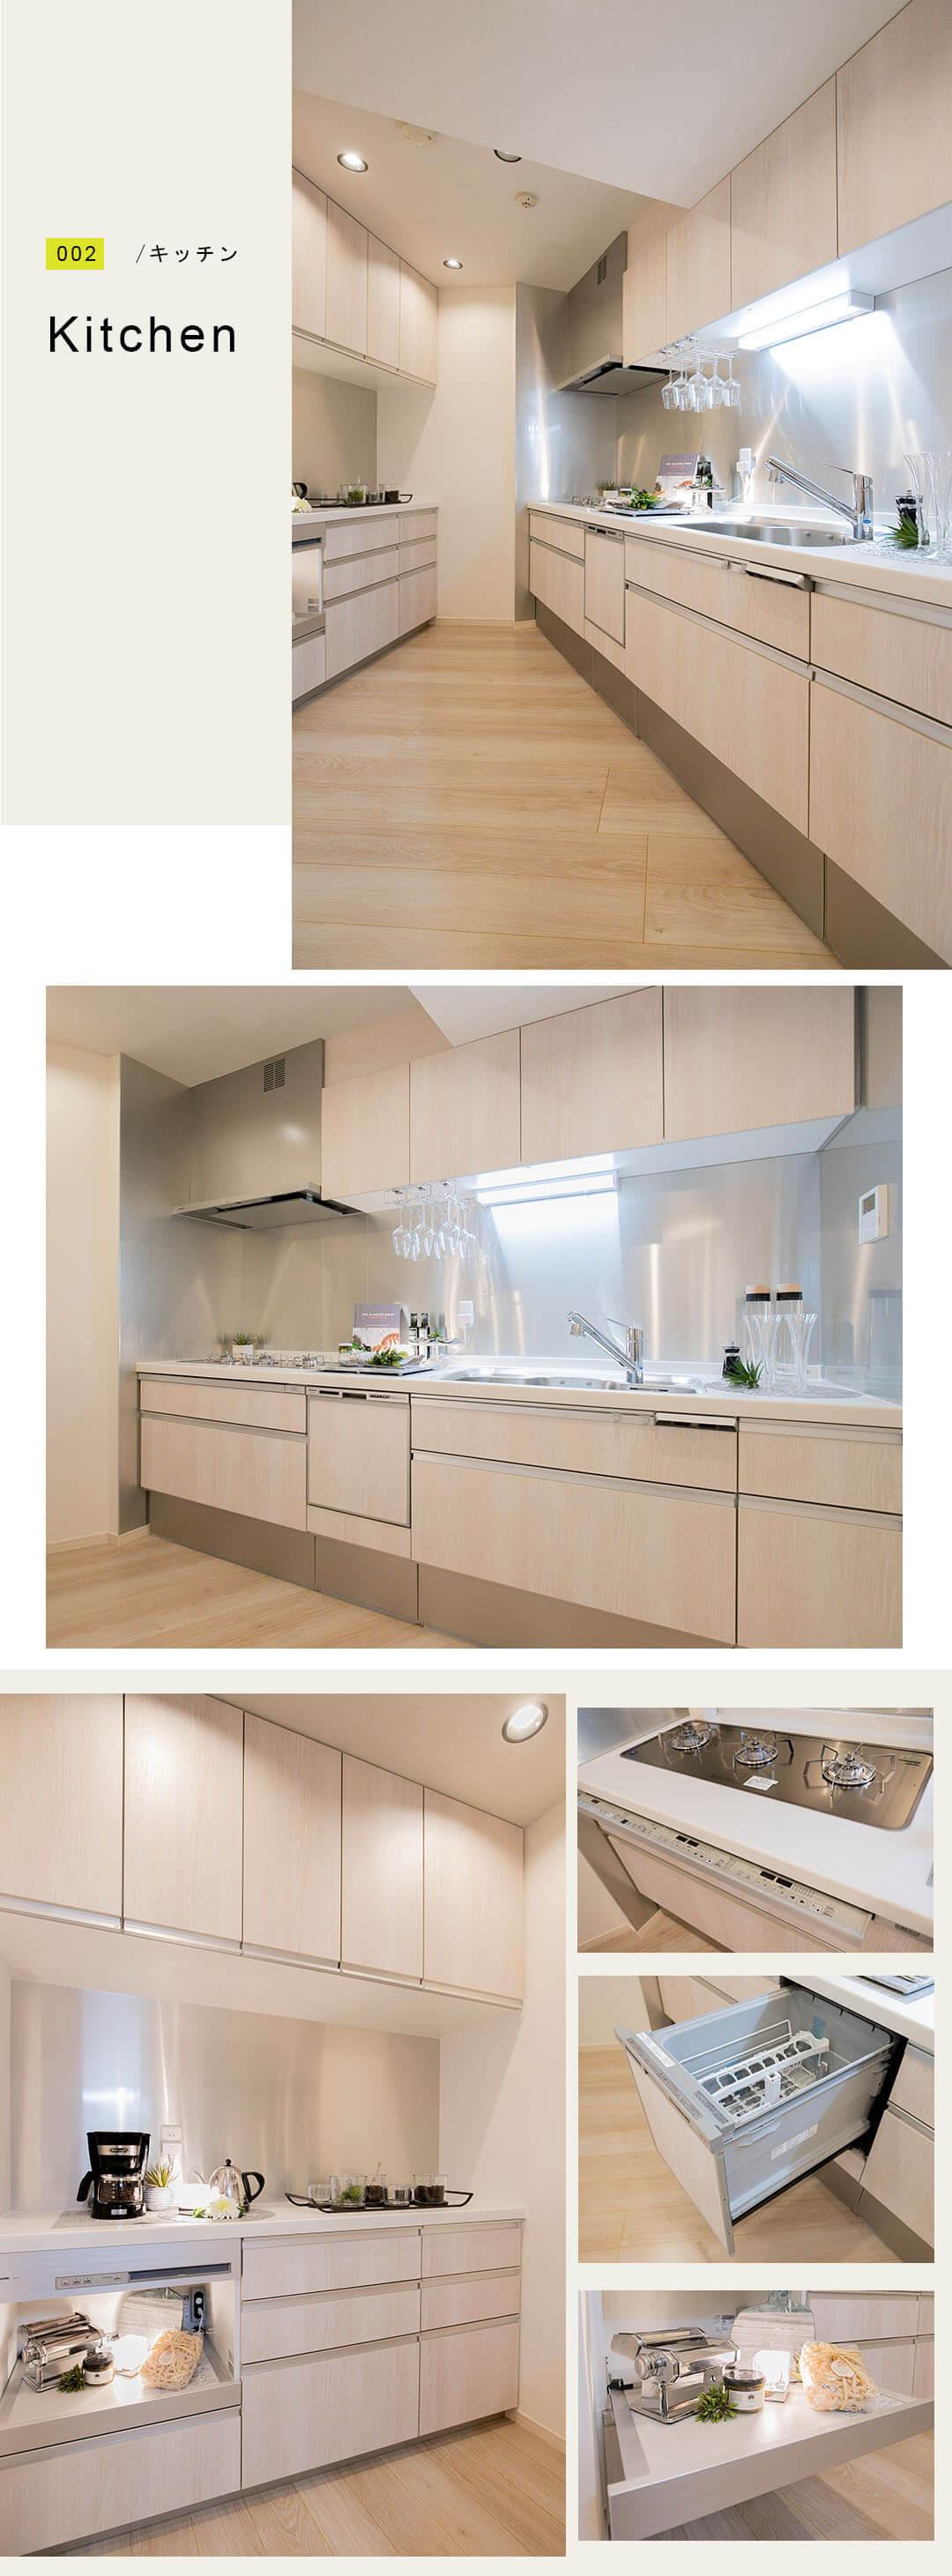 品川Vタワーのキッチン